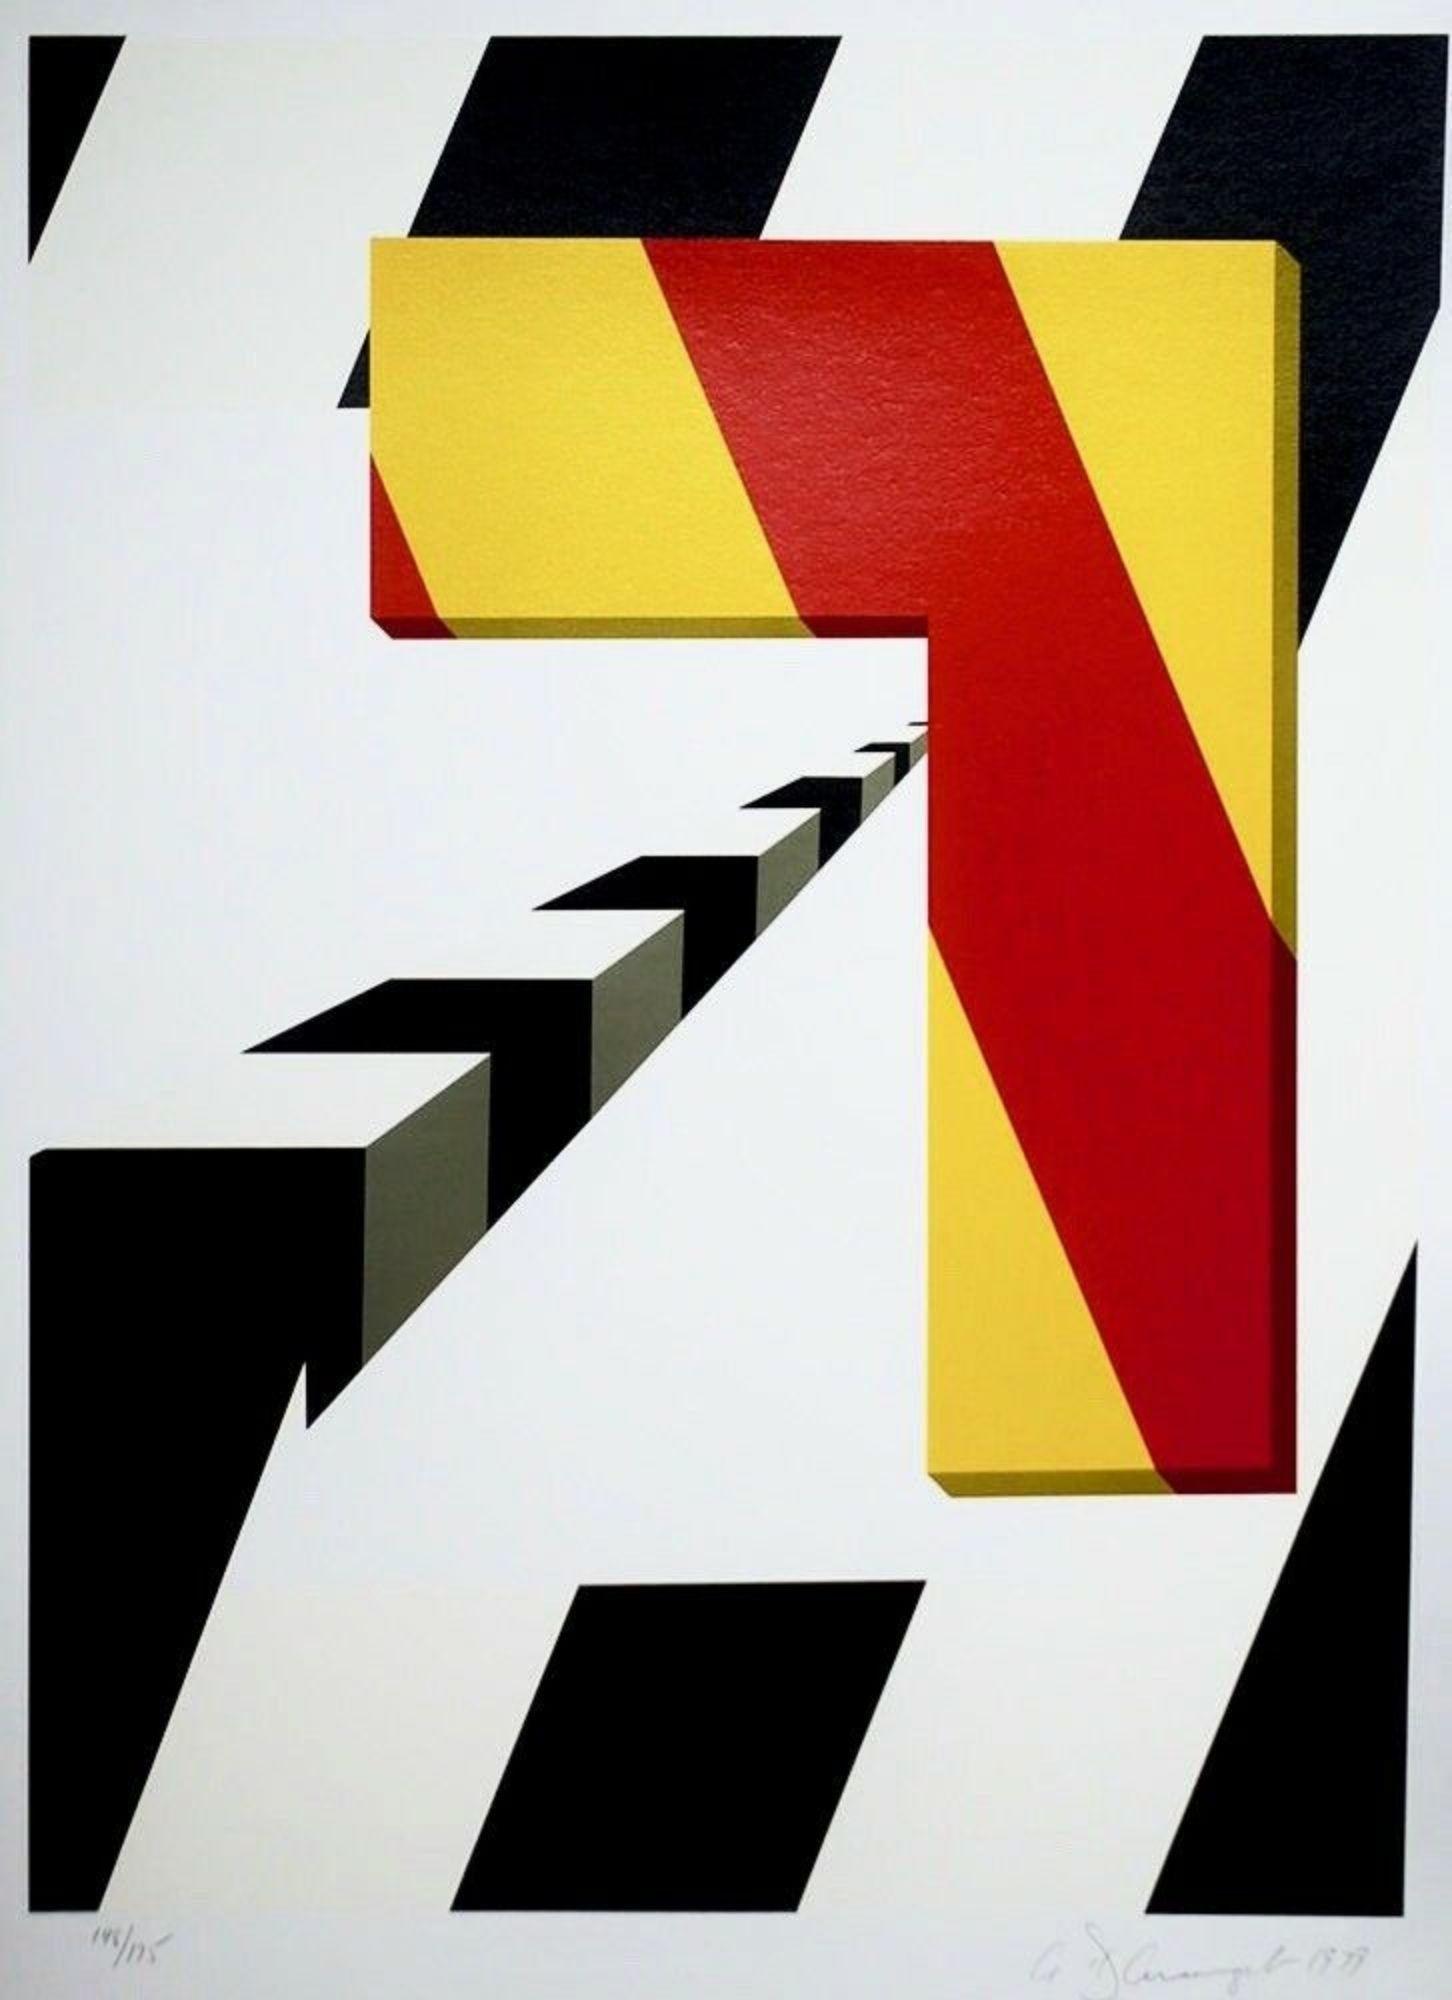 Left Turn, Limited Edition Silkscreen, Allan D'Arcangelo